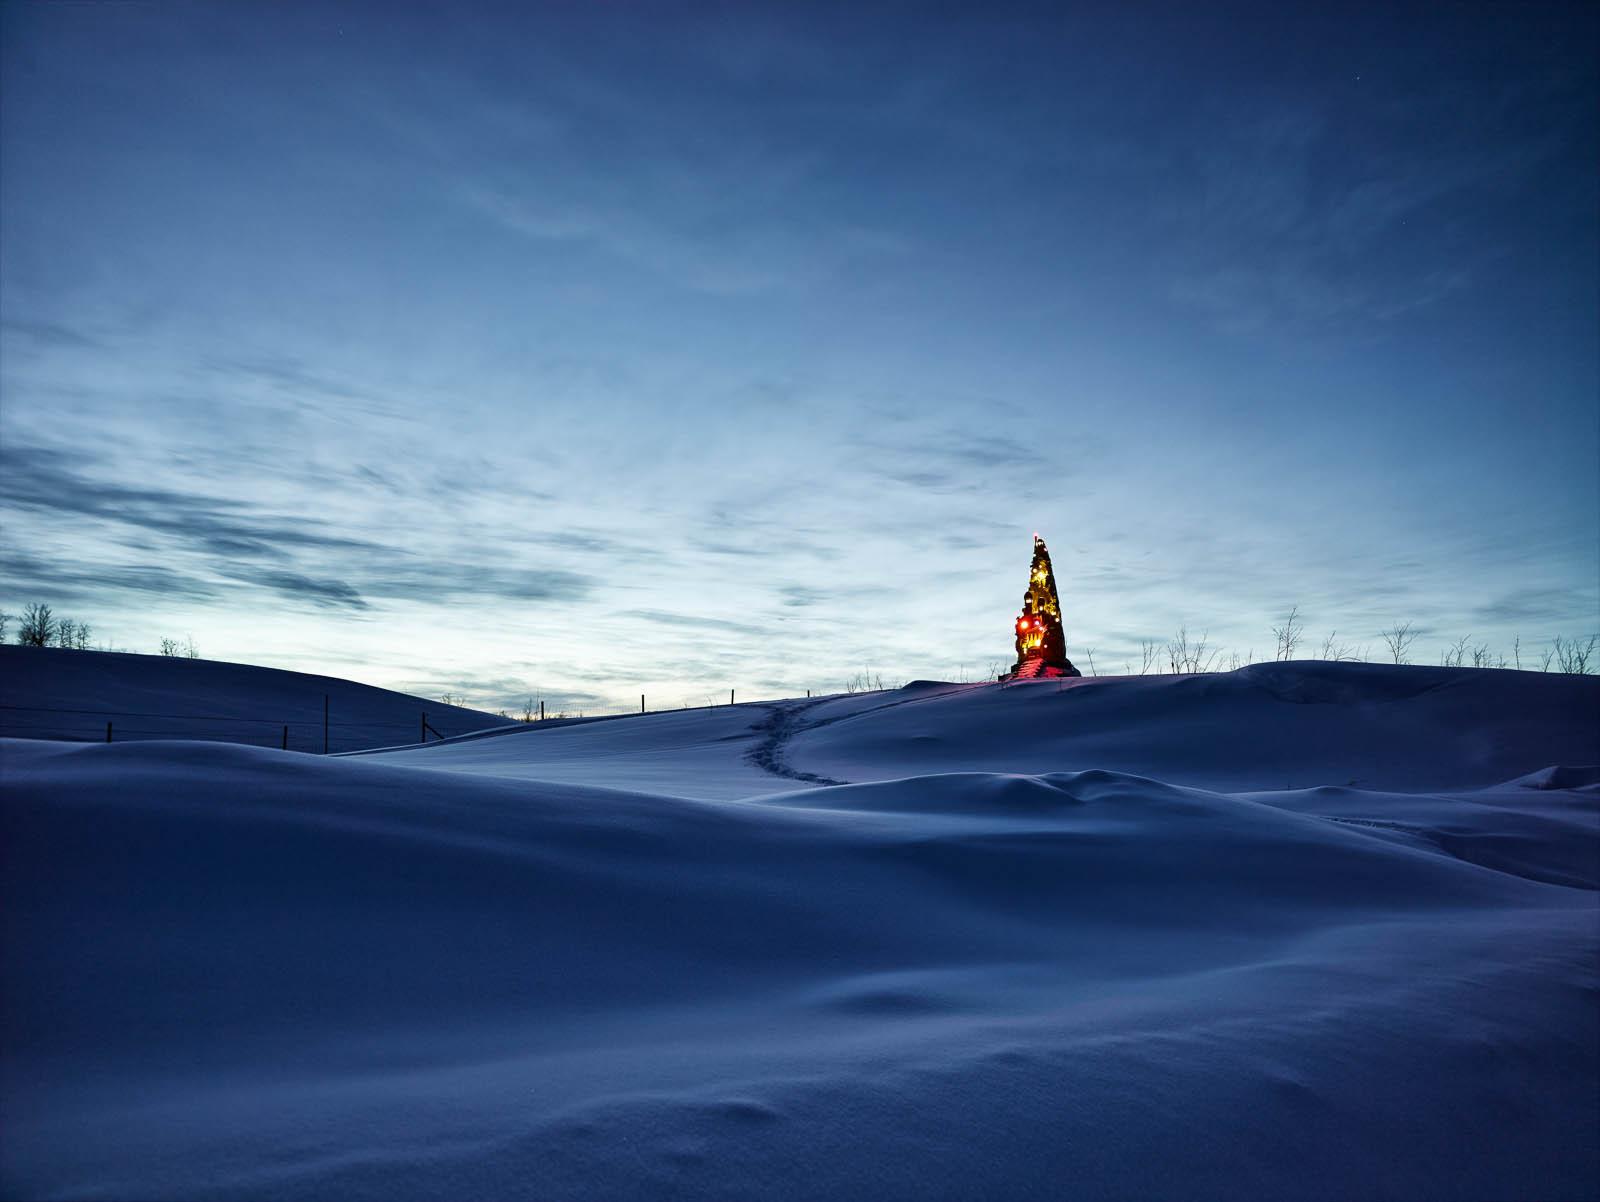 Natthimmel. Snölandskap. På avstånd lyser och glittrar Totem på sin kulle. Oskar Aglert, Totem.